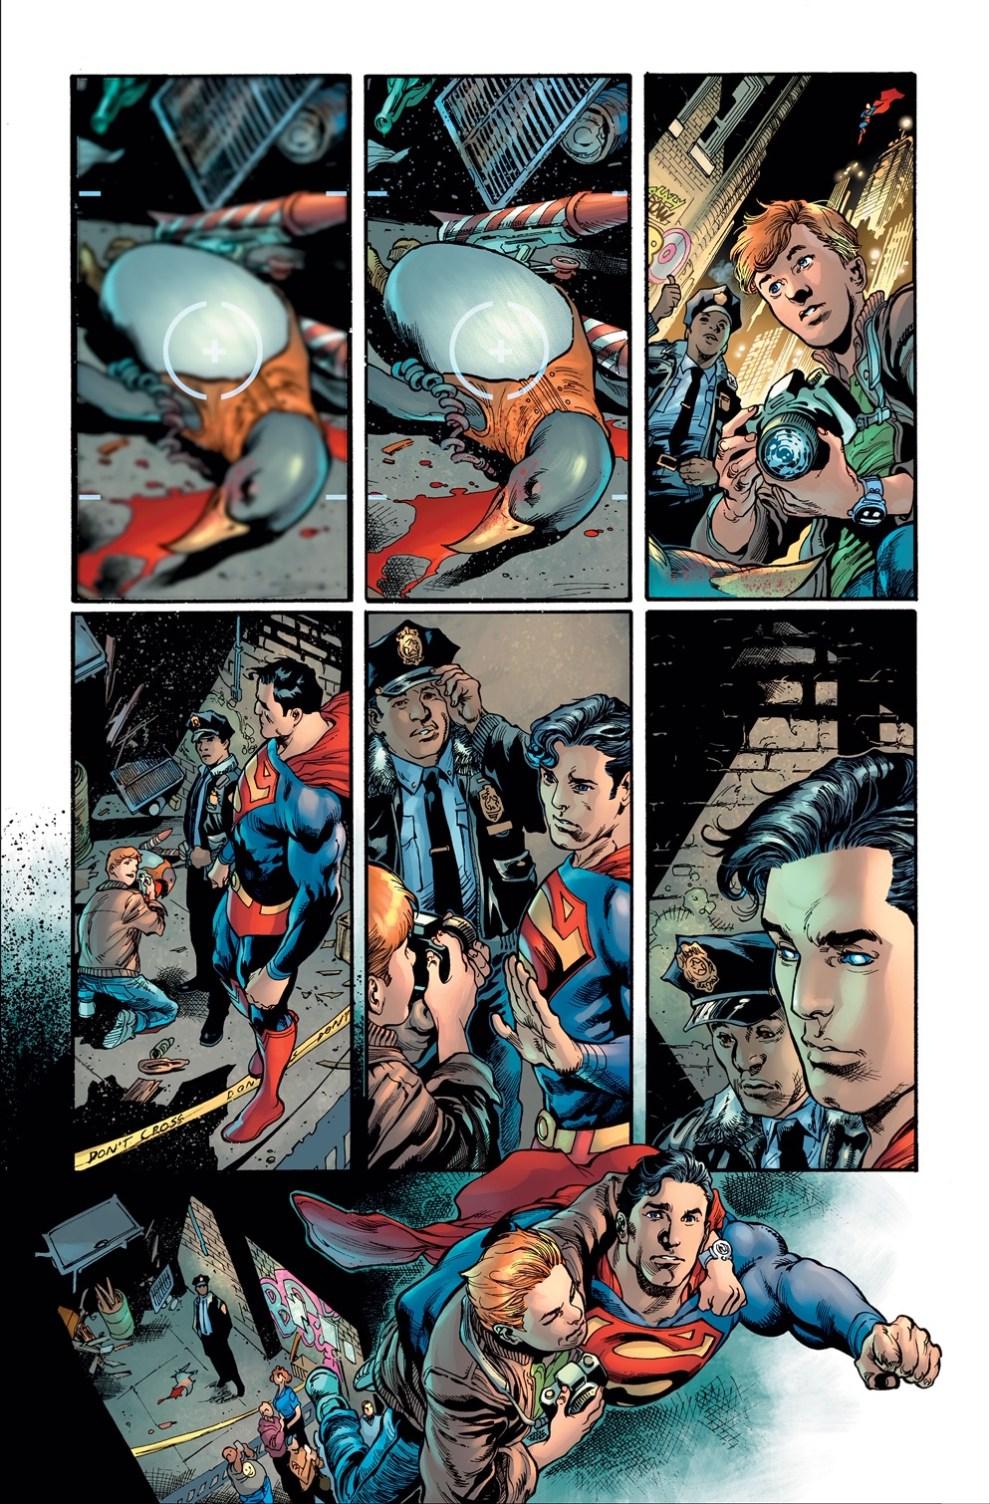 Superman #18 is written by Brian Michael Bendis with art by Ivan Reis and Joe Prado